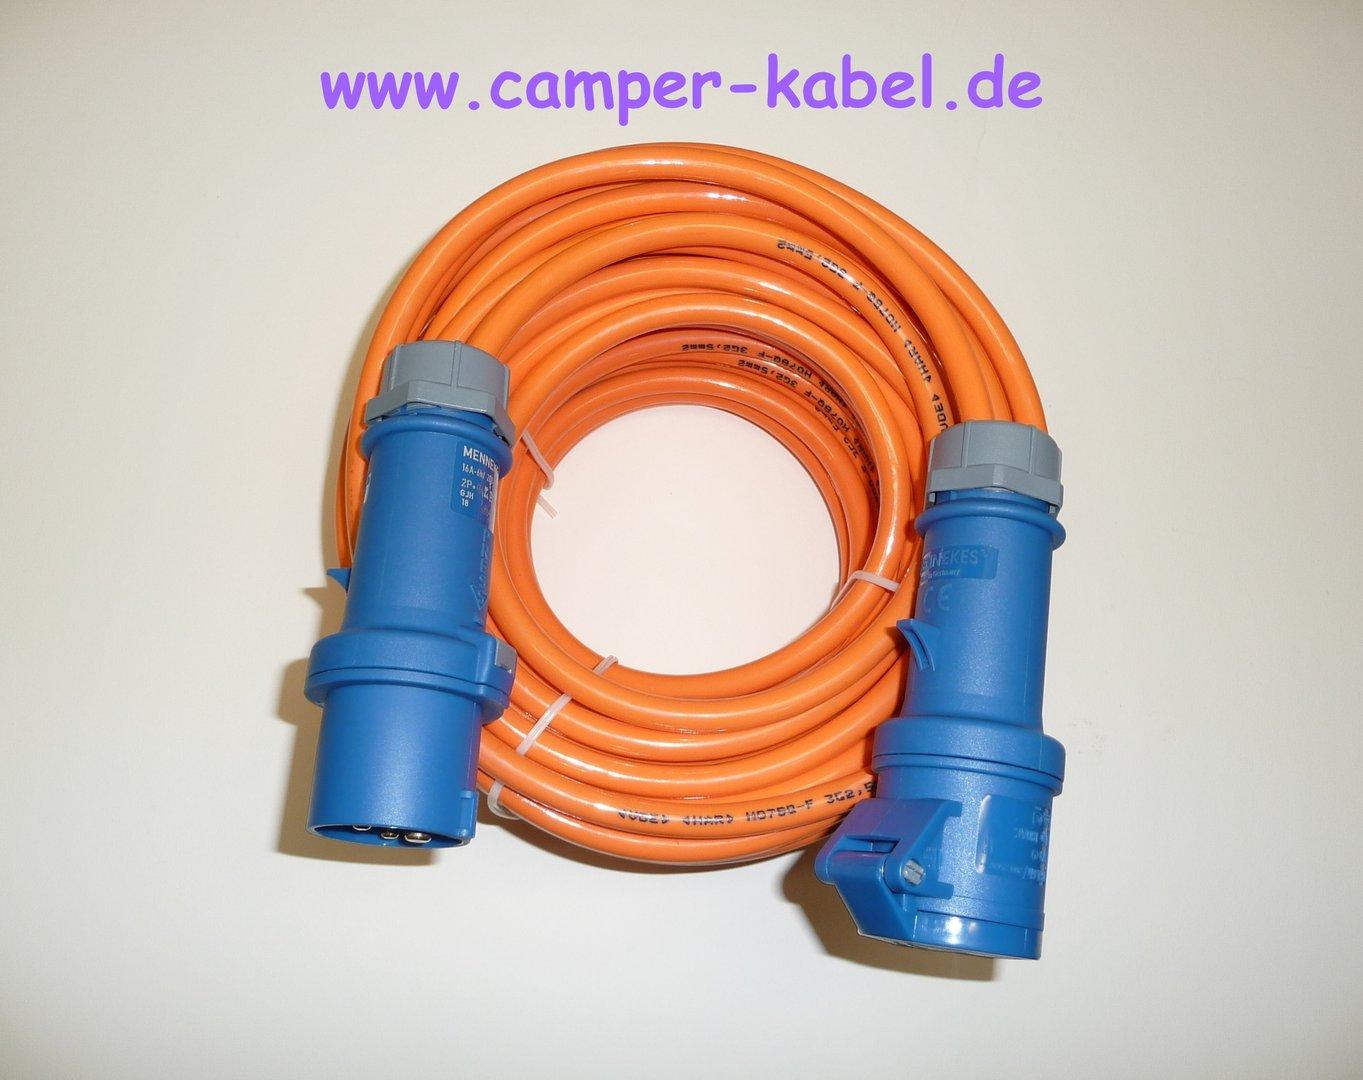 Cee kabel 25m camping